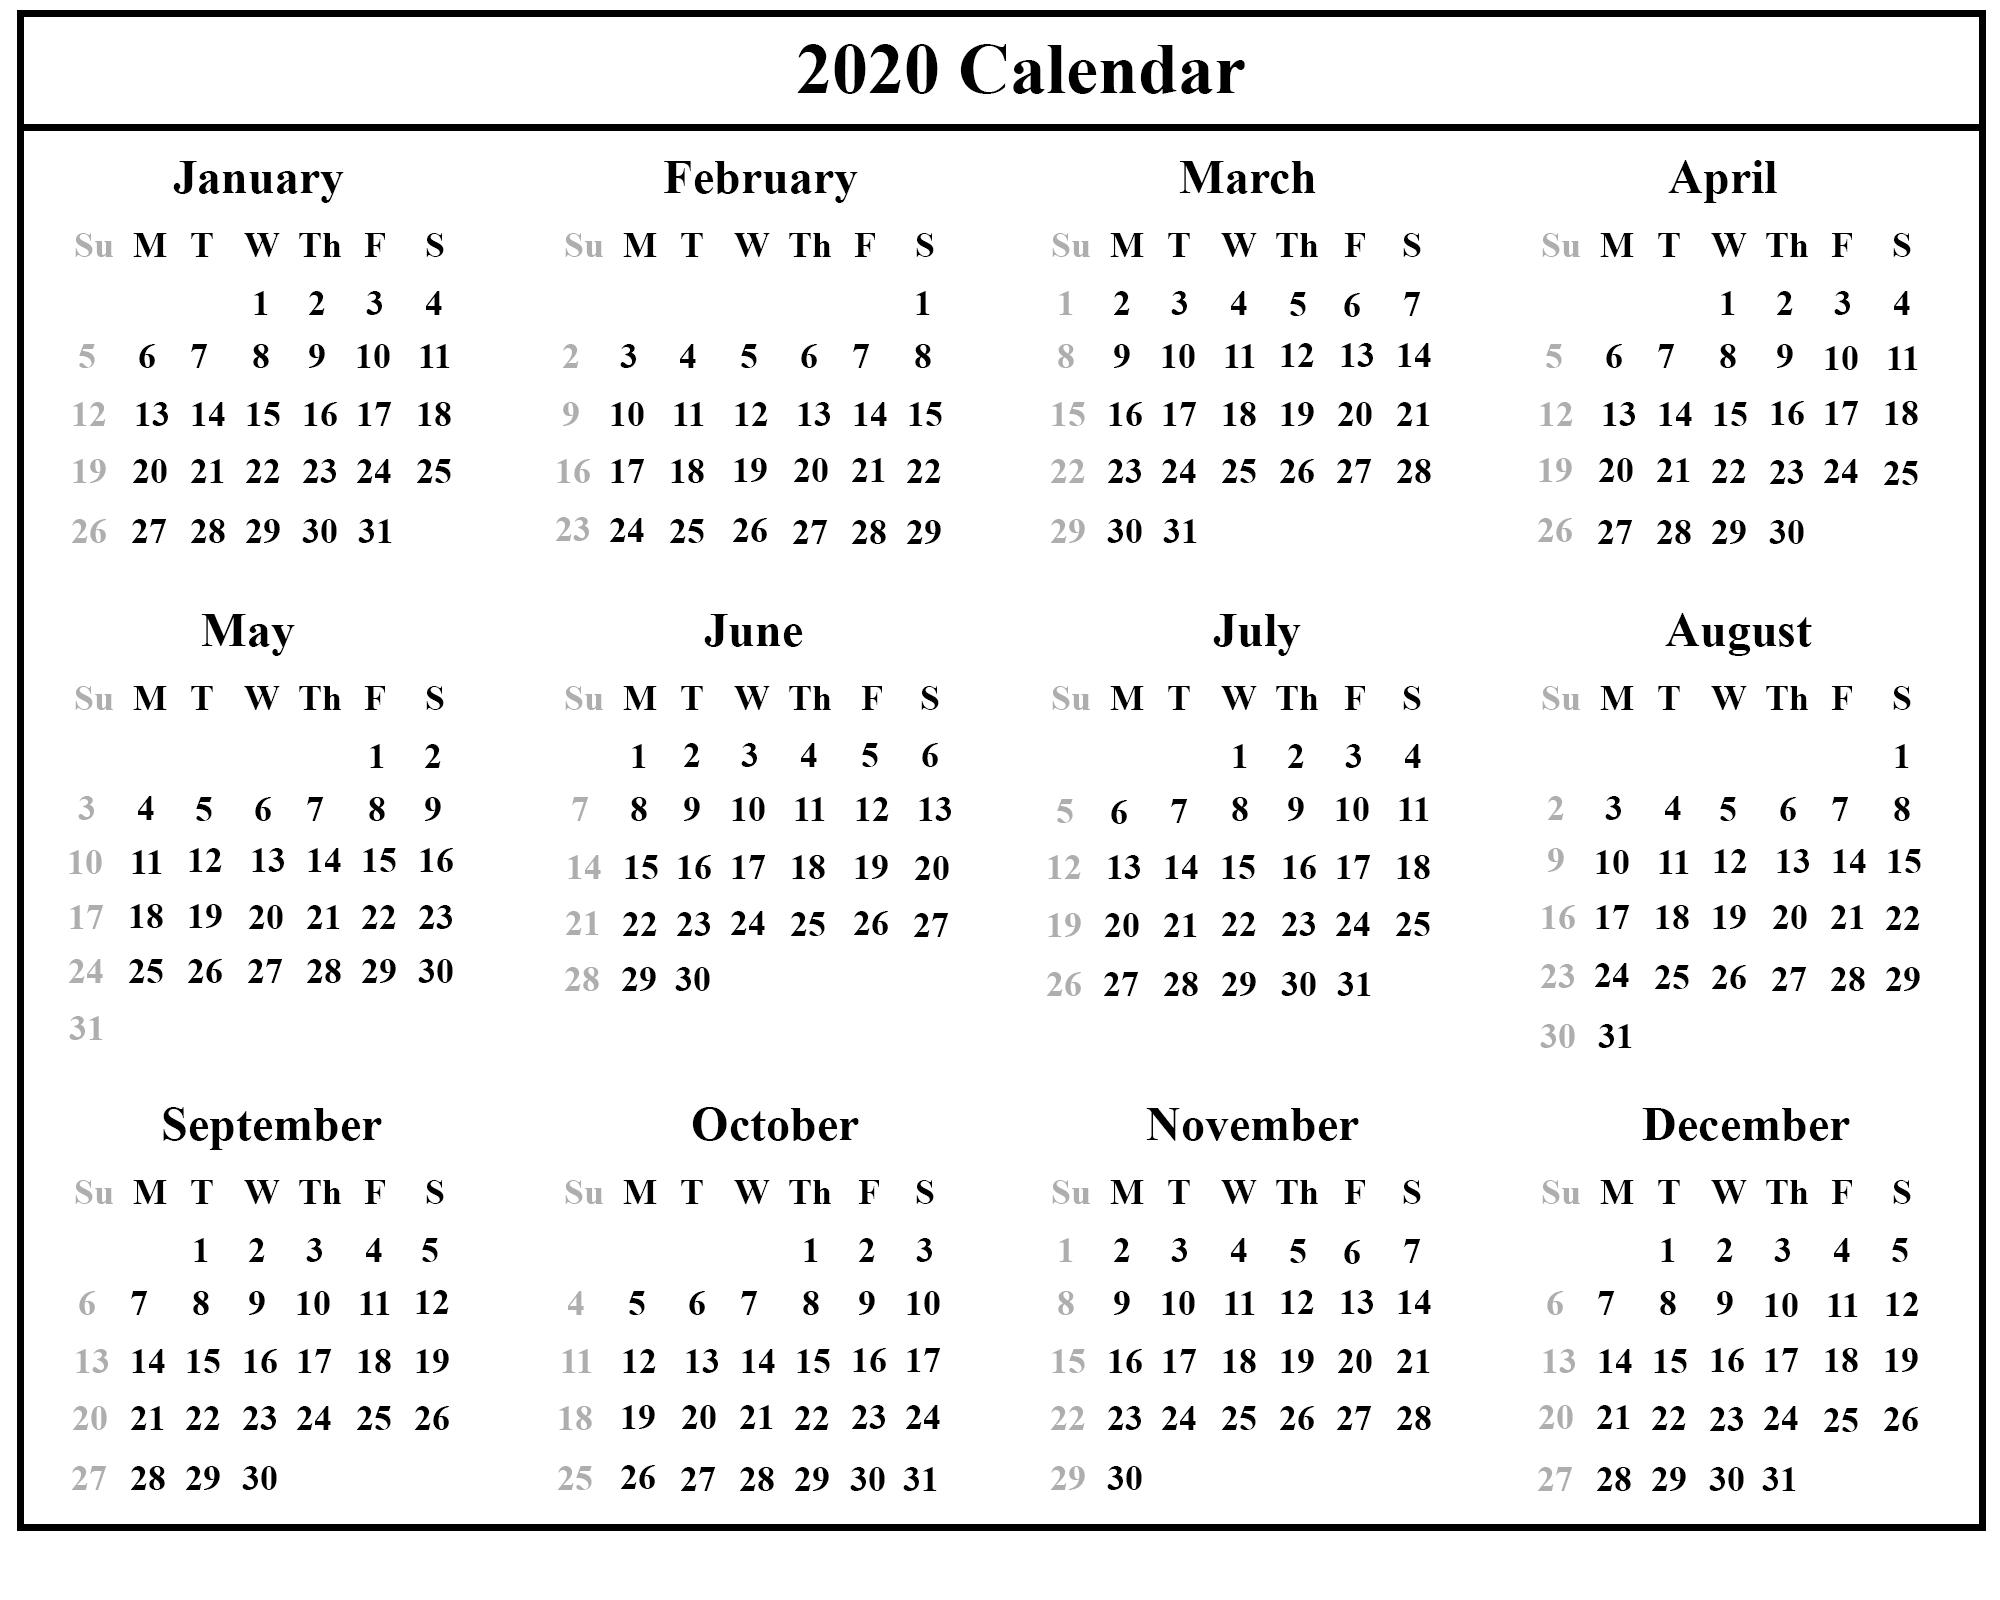 Printable May Calendar Template-Printable 2020 Calendar With Malaysian Holidays